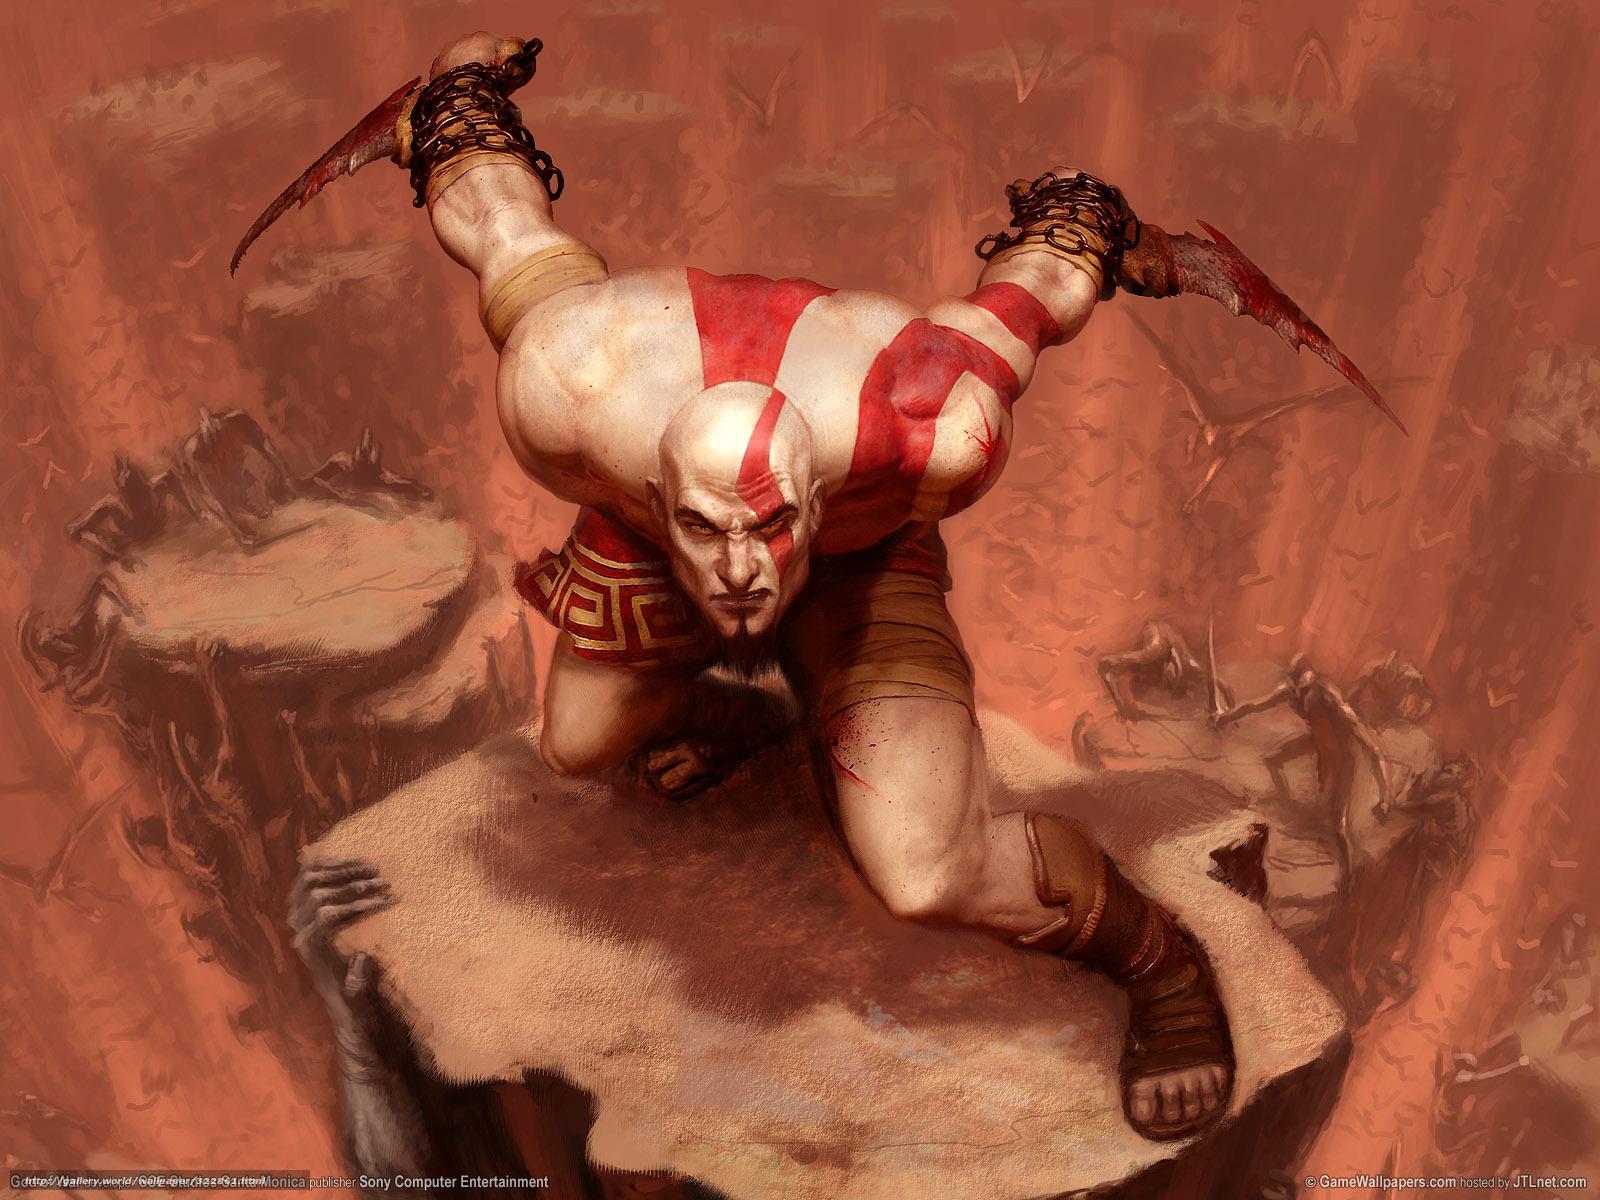 Download wallpaper game, kratos, God of War free desktop wallpaper